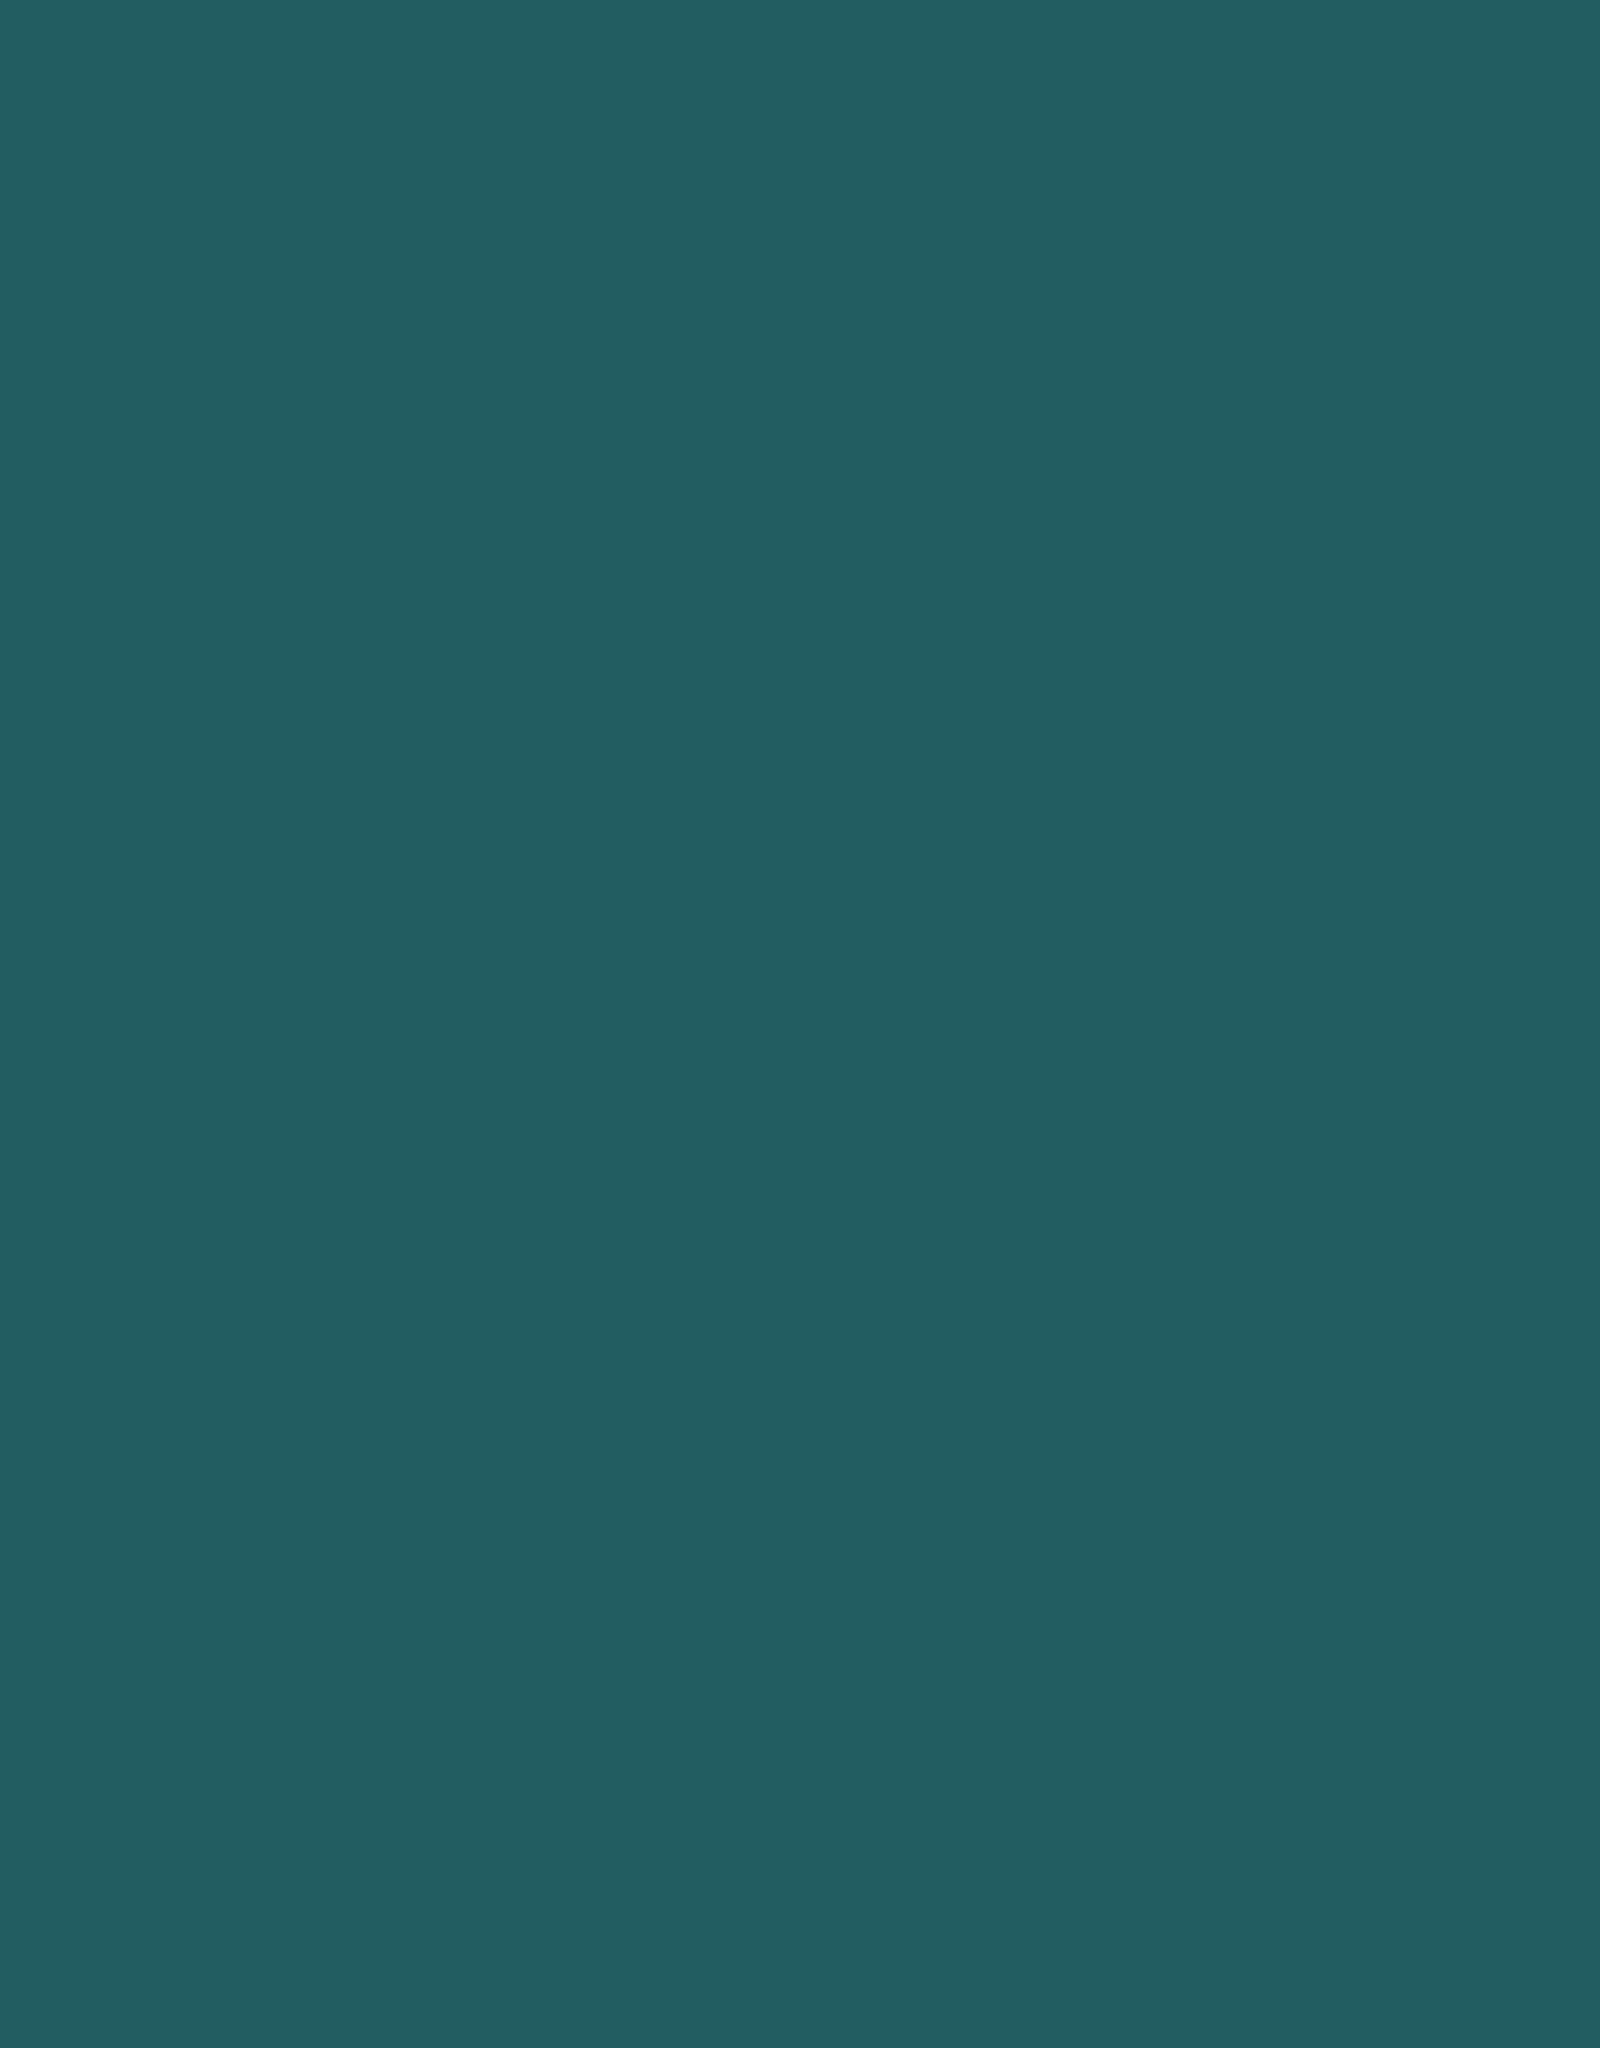 Siser Flockfolie Turquoise